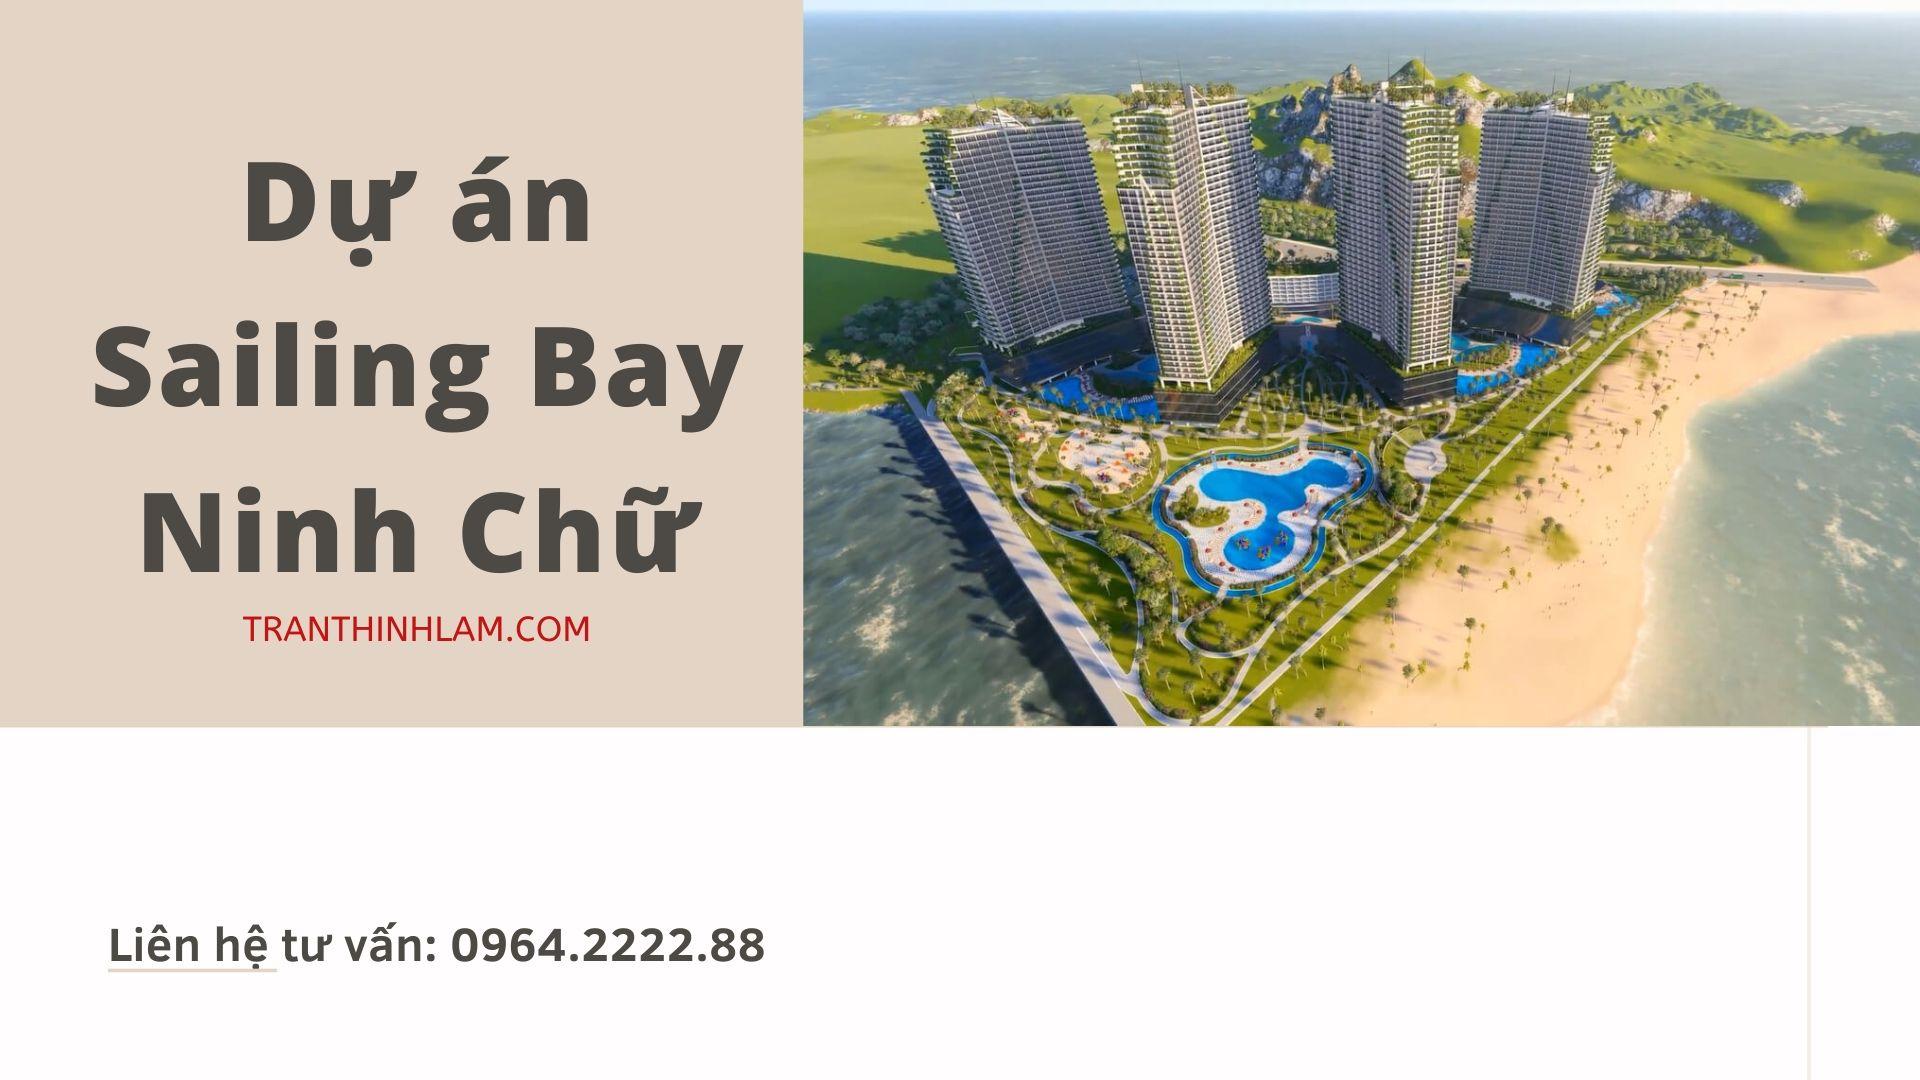 Dự án Sailing Bay Ninh Chữ